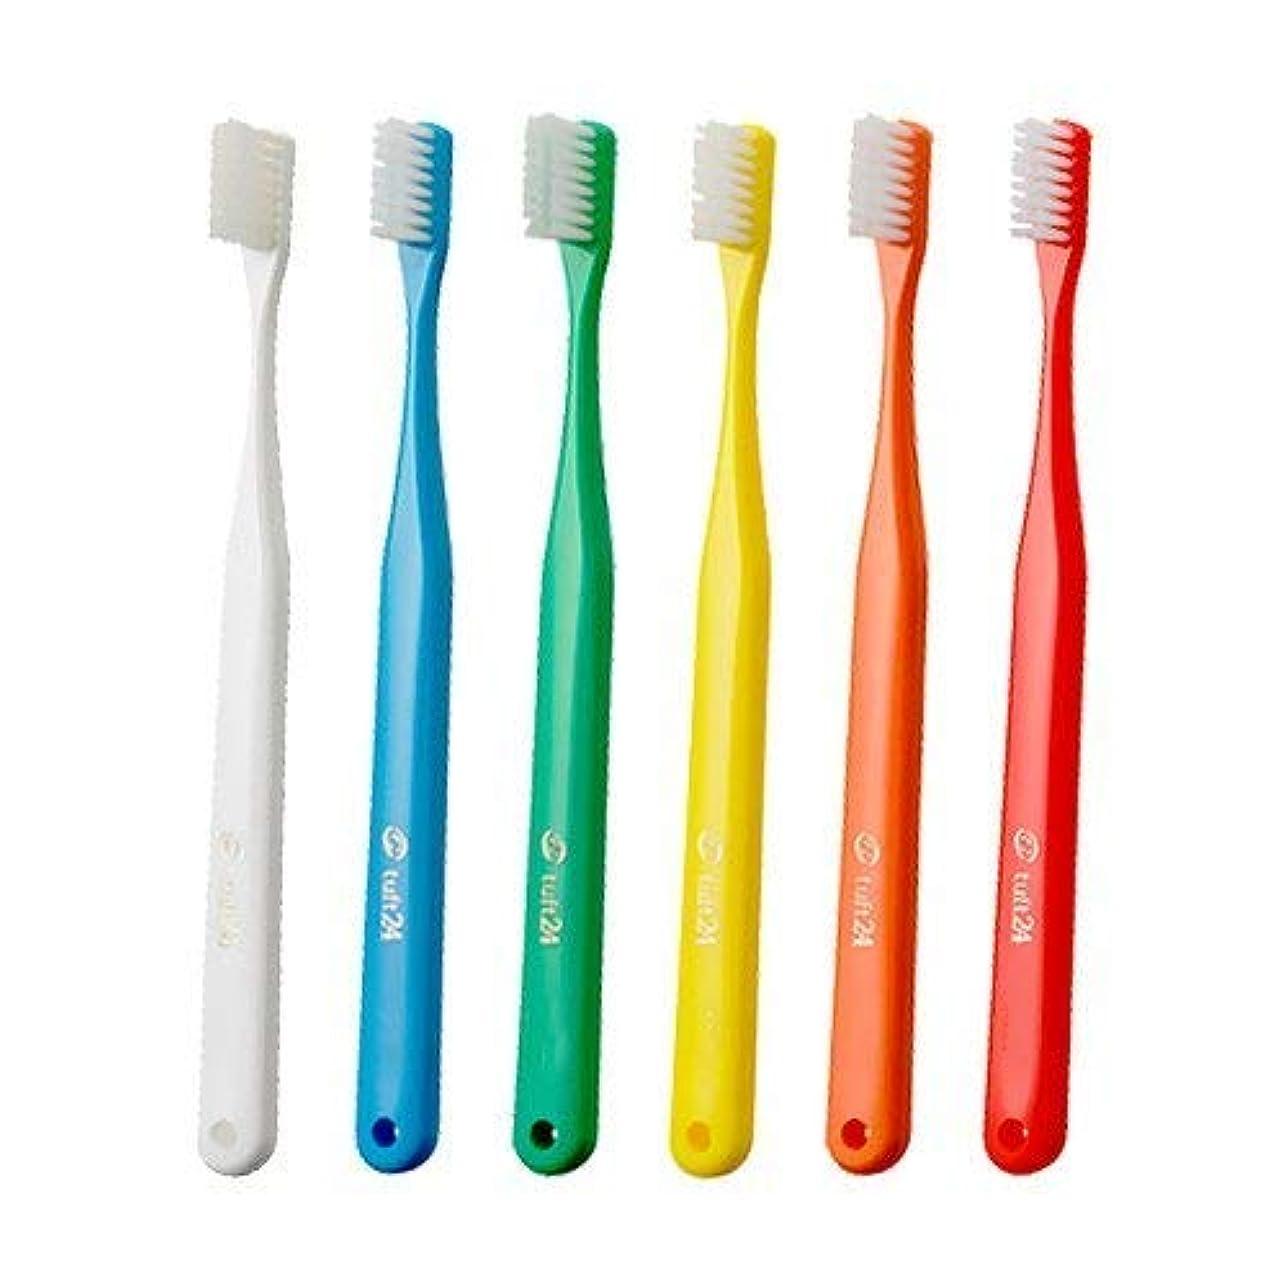 アトミック谷自発的オーラルケア キャップなし タフト24 歯ブラシ × 10本 (M)